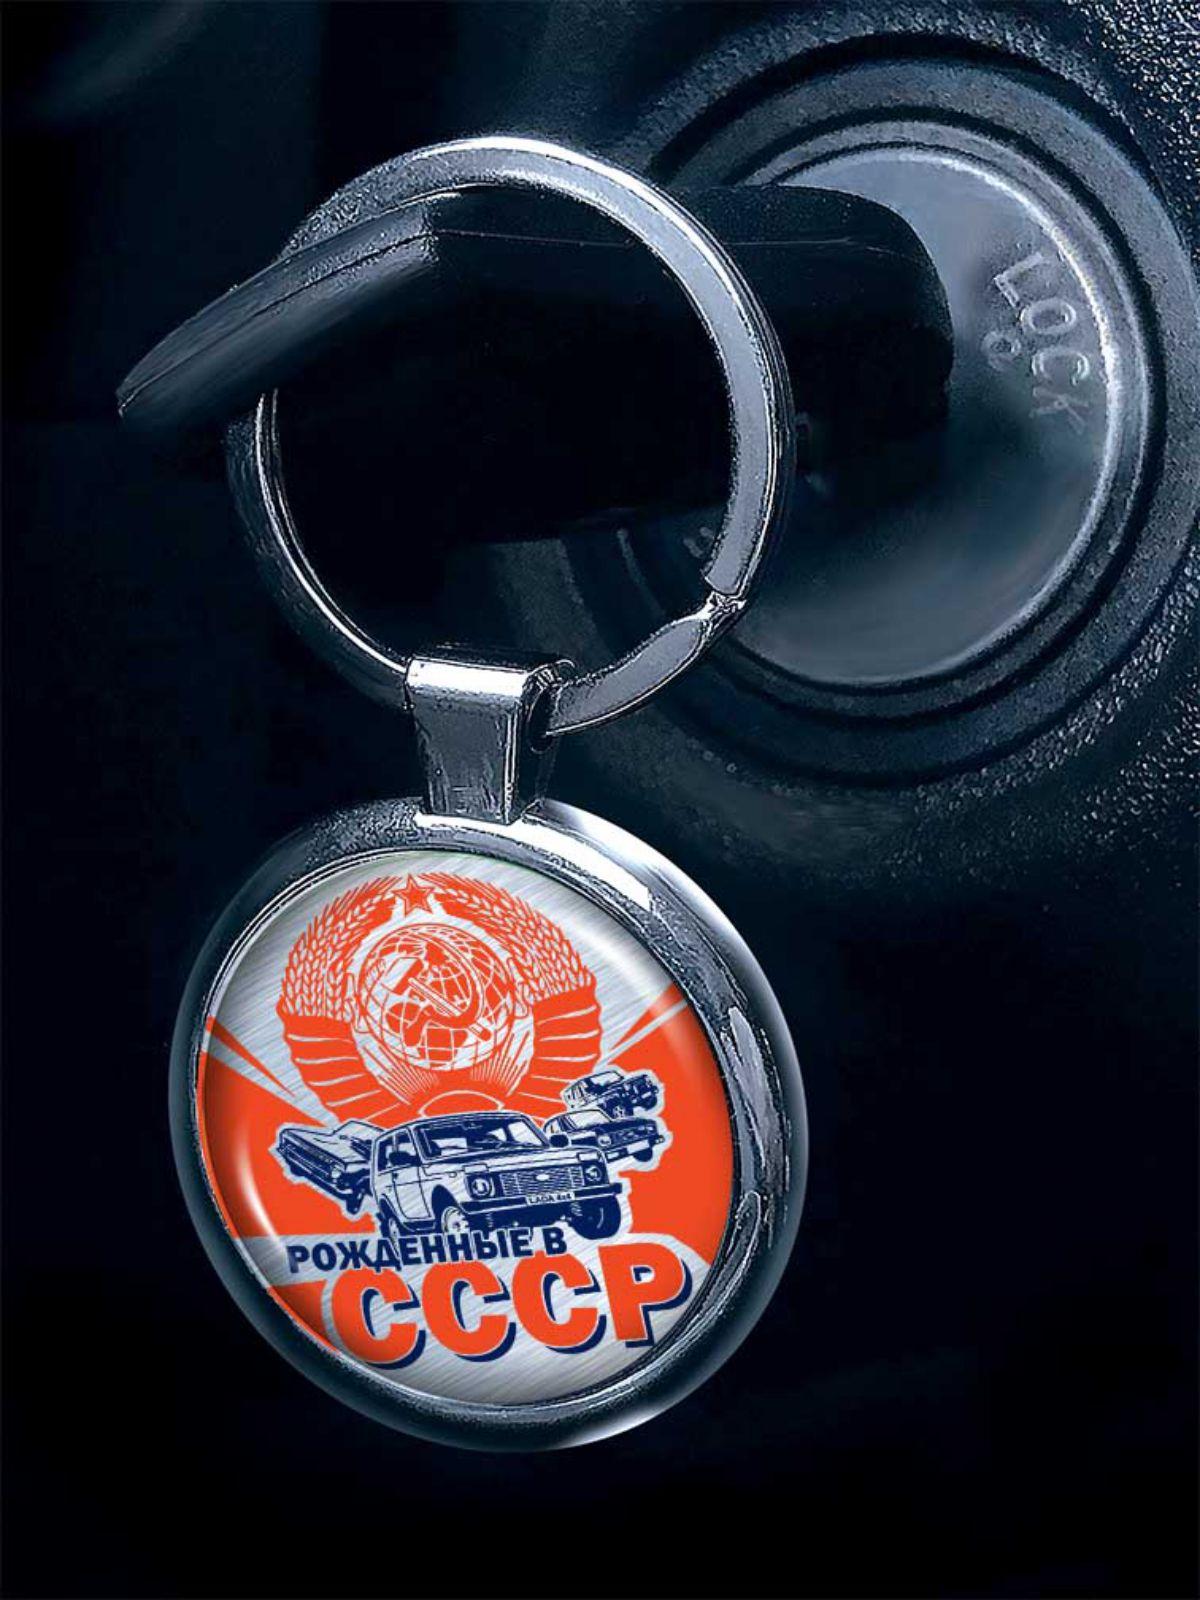 Яркий двухсторонний брелок для Рождённых в СССР с доставкой